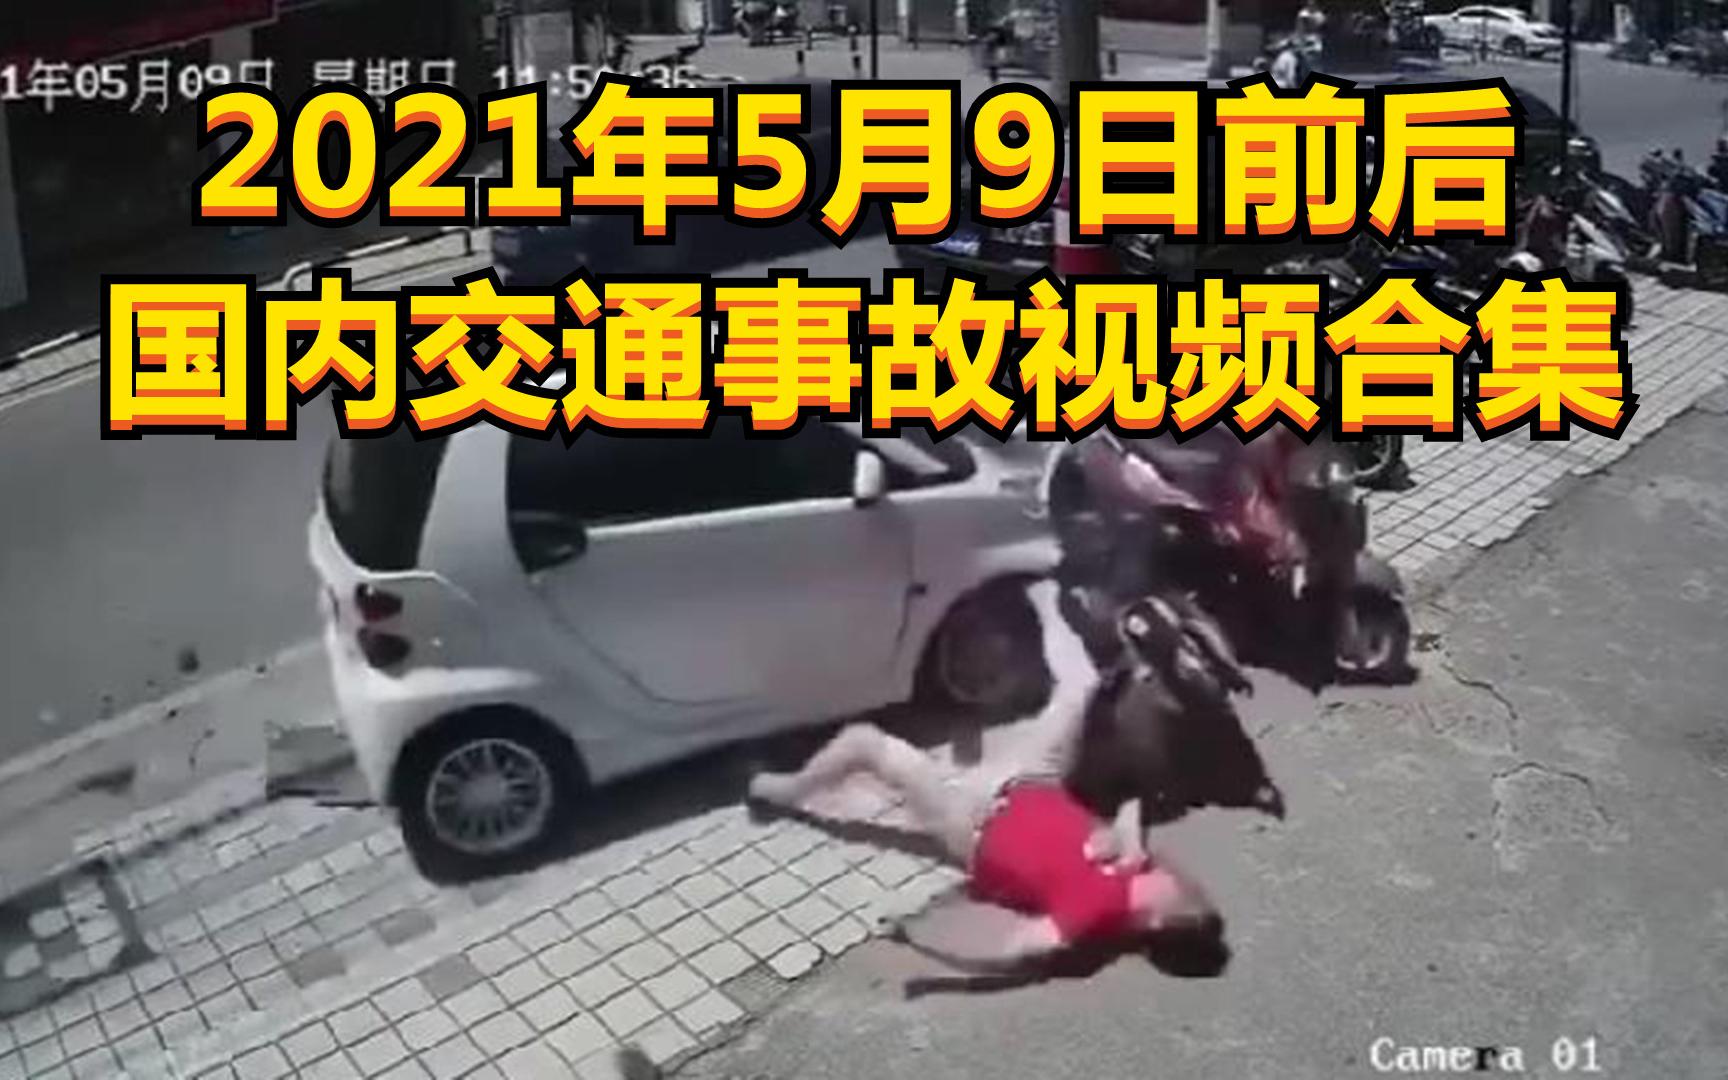 2021年5月9日前后国内交通事故视频合集